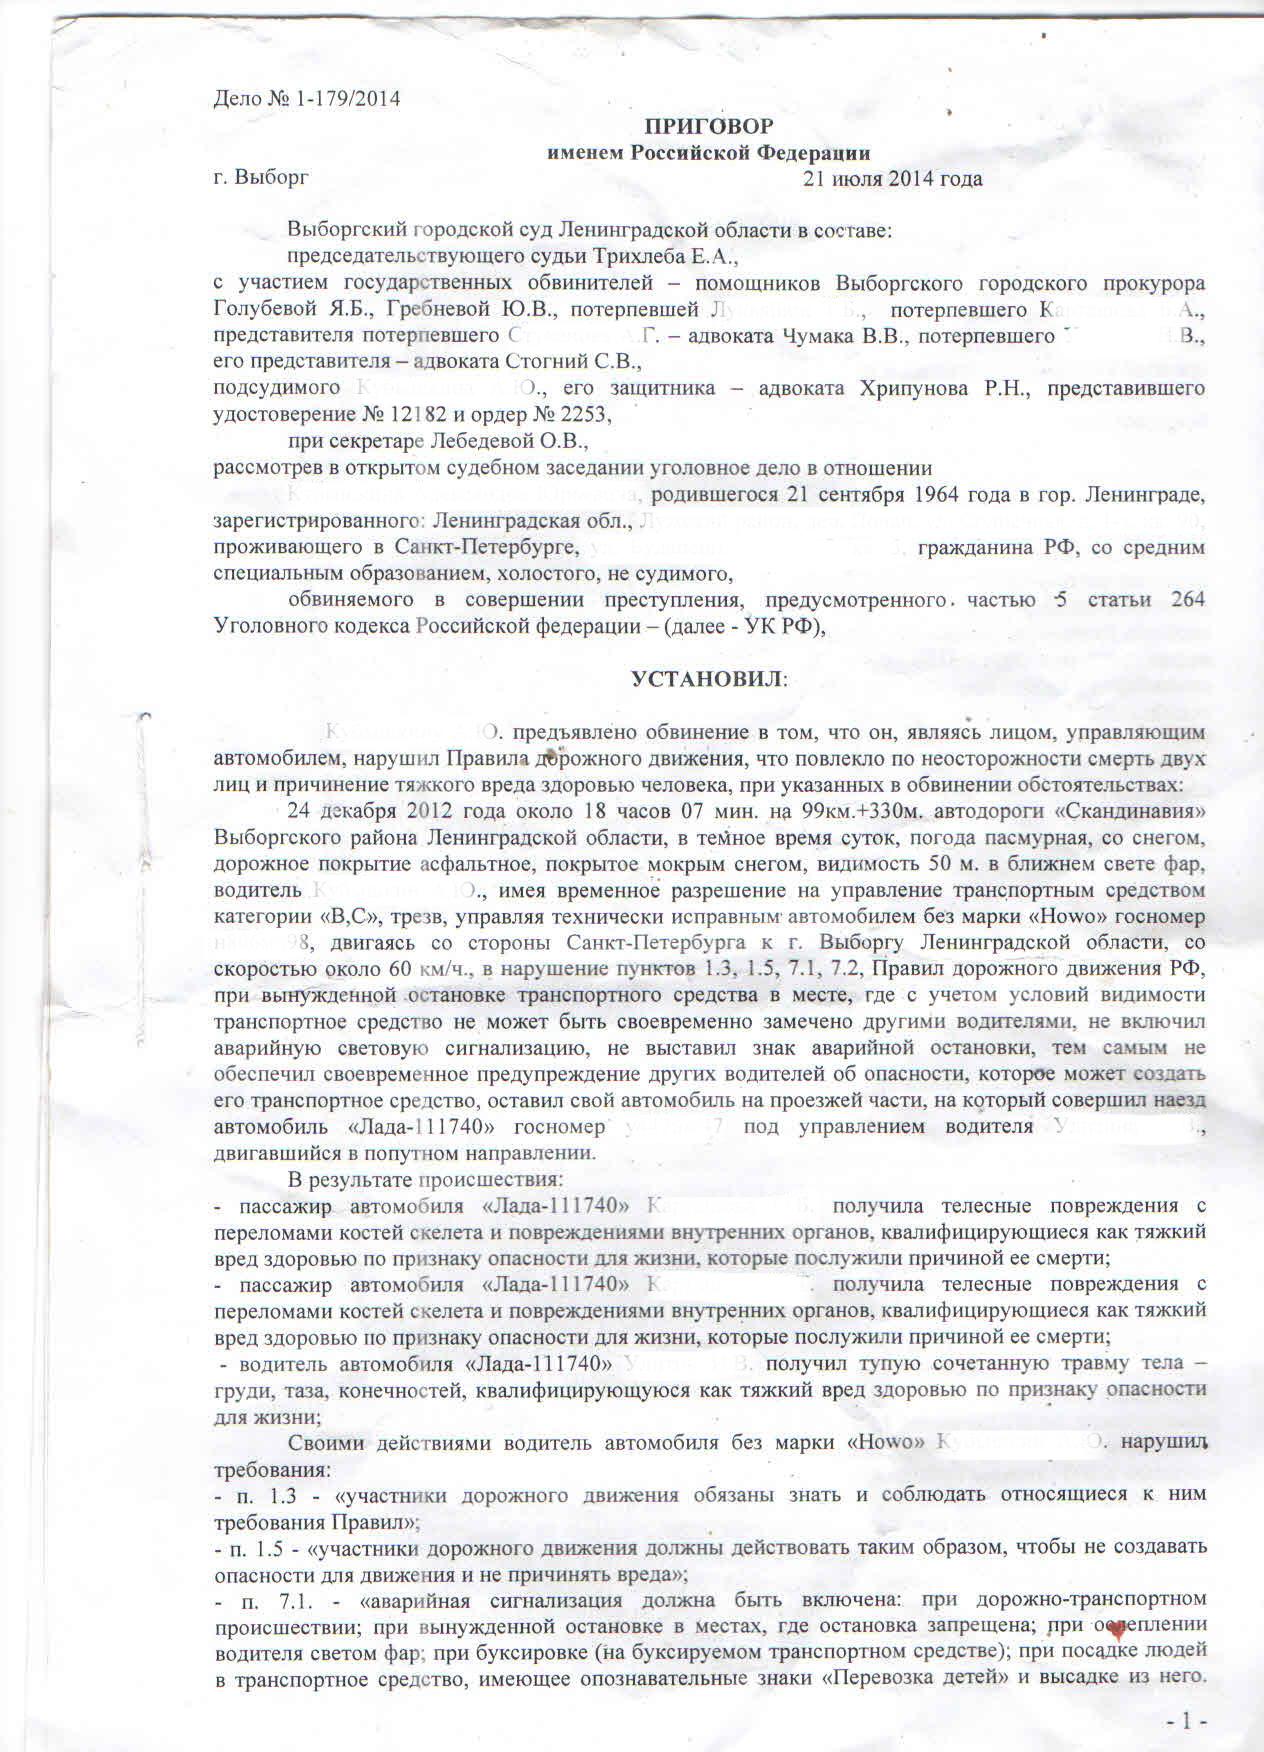 vyigrannoe-delo-statja-264-dtp-3-1